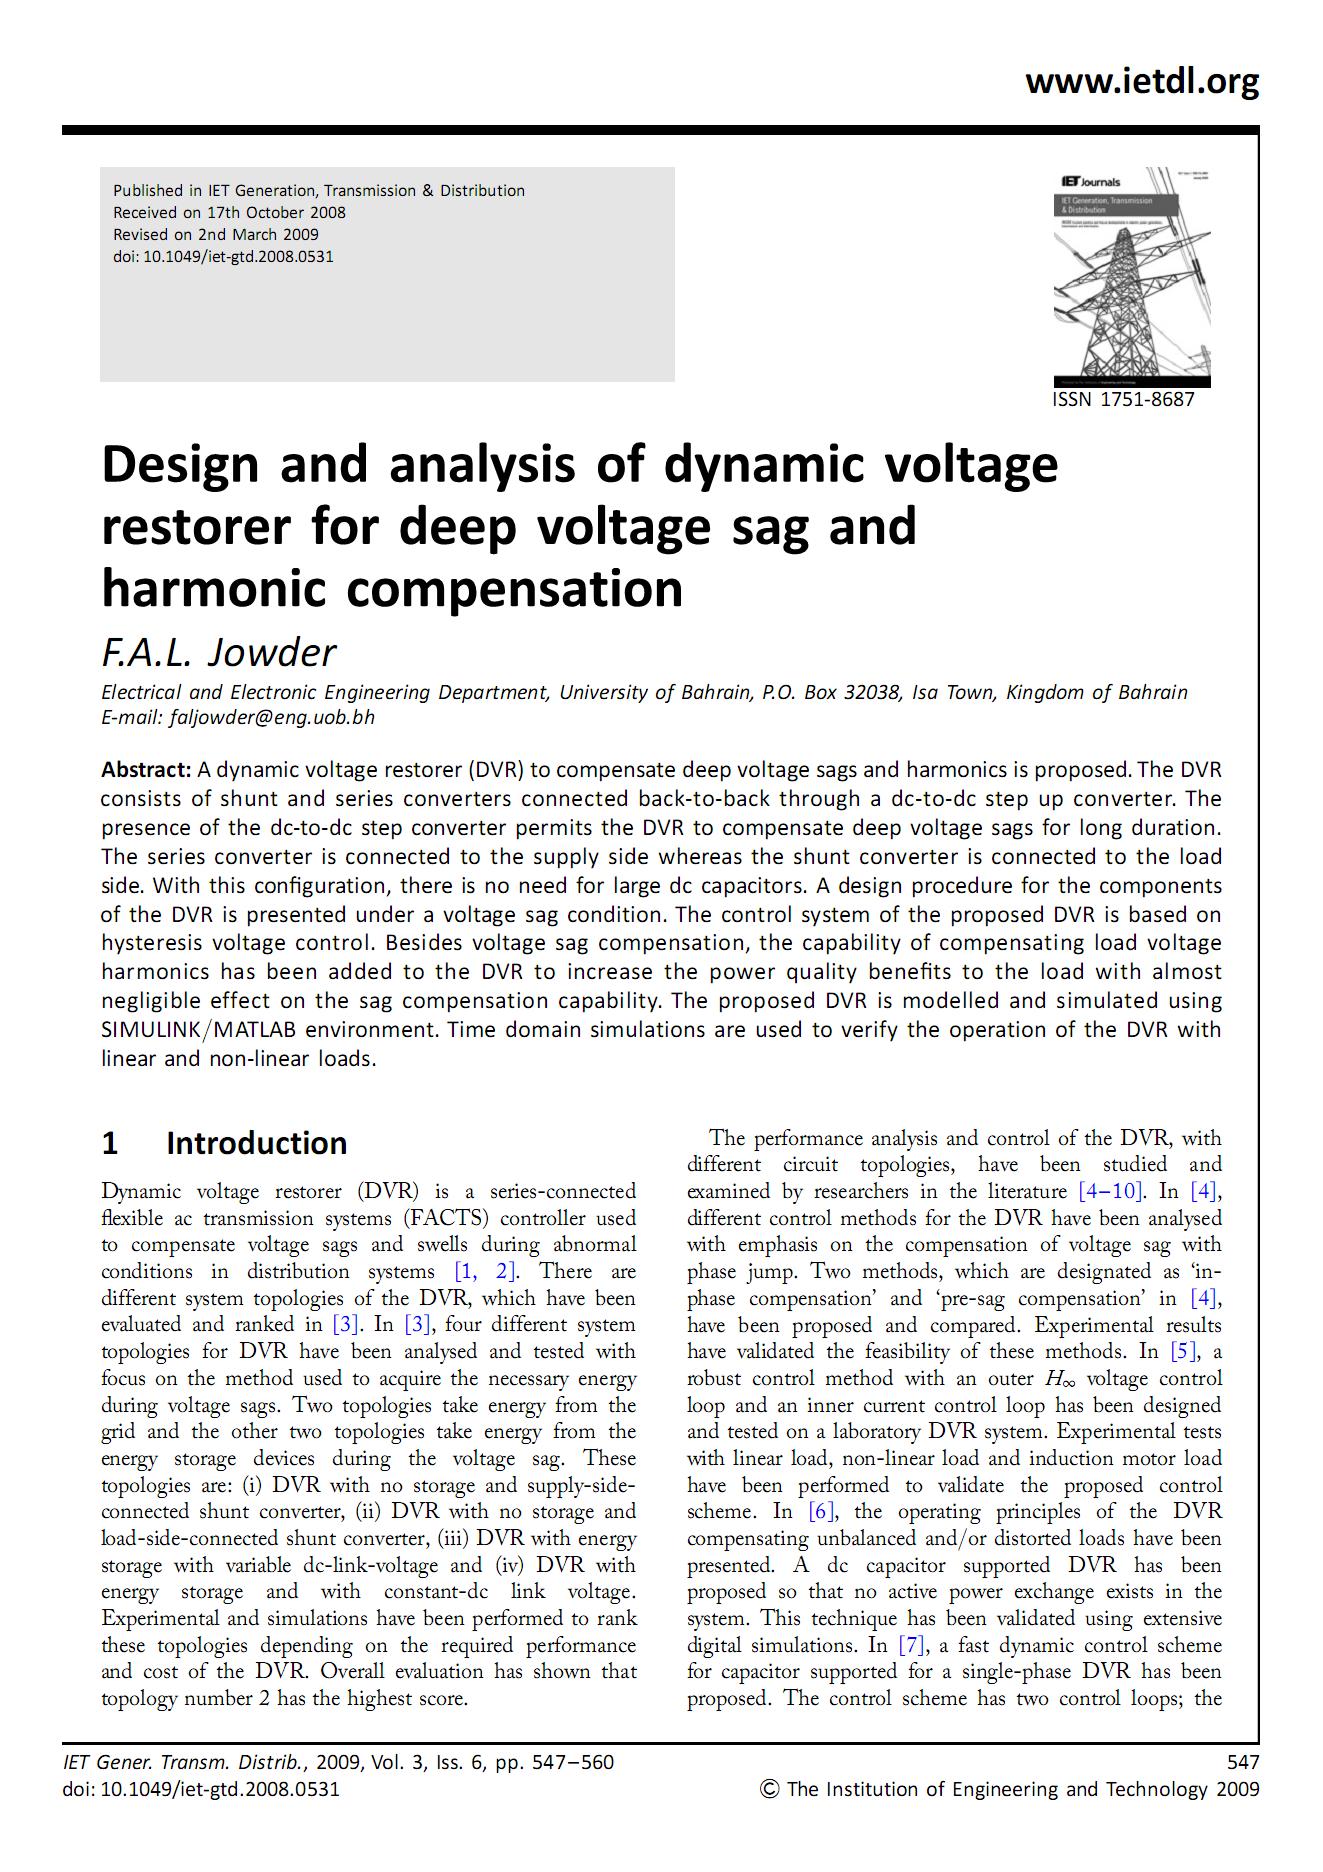 طراحی و شبیهسازی بازیاب دینامیکی ولتاژ به منظور اصلاح فرورفتگی ولتاژ (Voltage Sag)